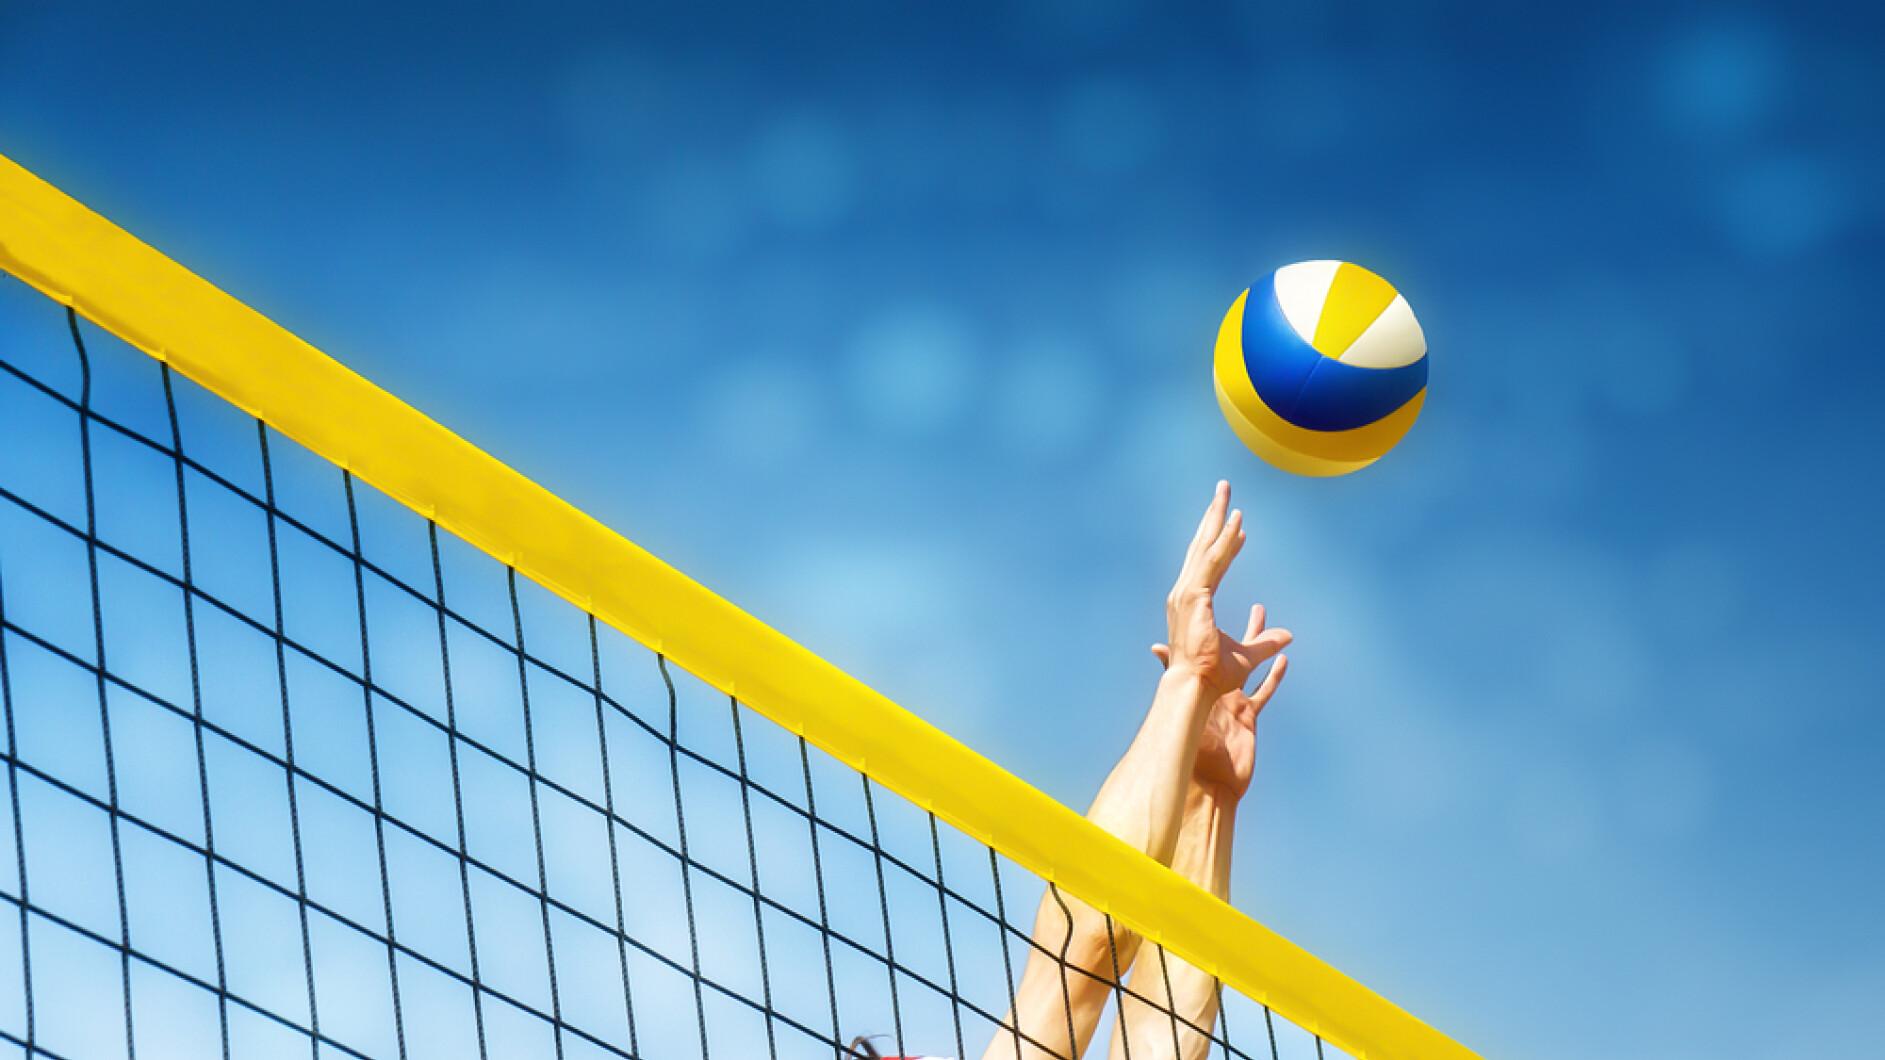 Beach-Volleyball-Ermacora-eine-Woche-vor-EM-in-Autounfall-verwickelt